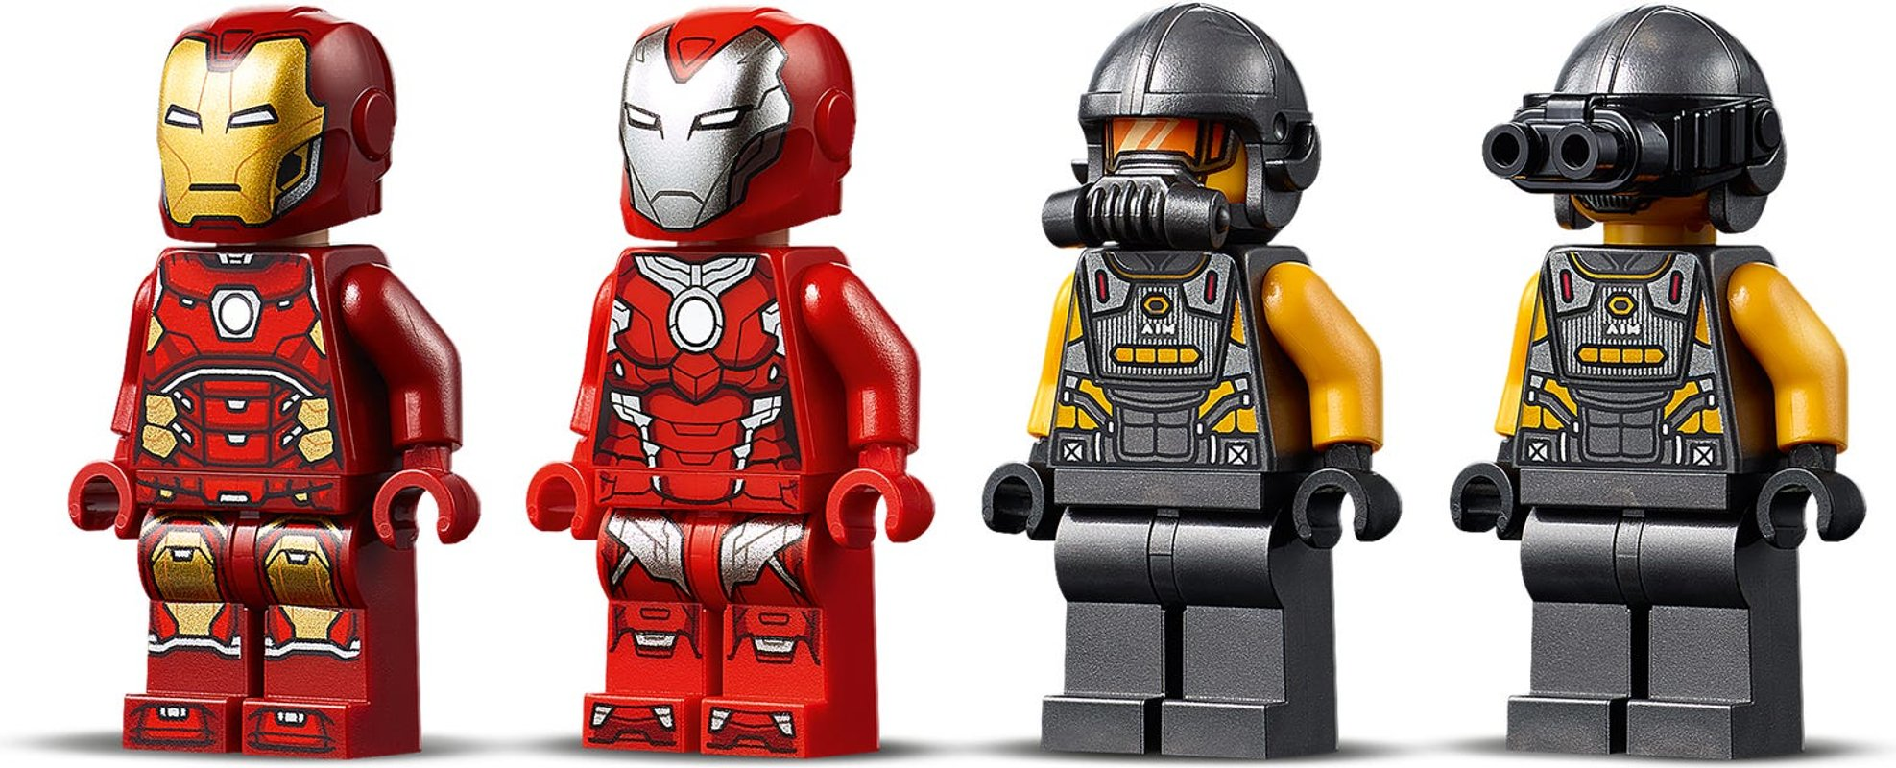 Iron Man Hulkbuster versus A.I.M. Agent minifigures